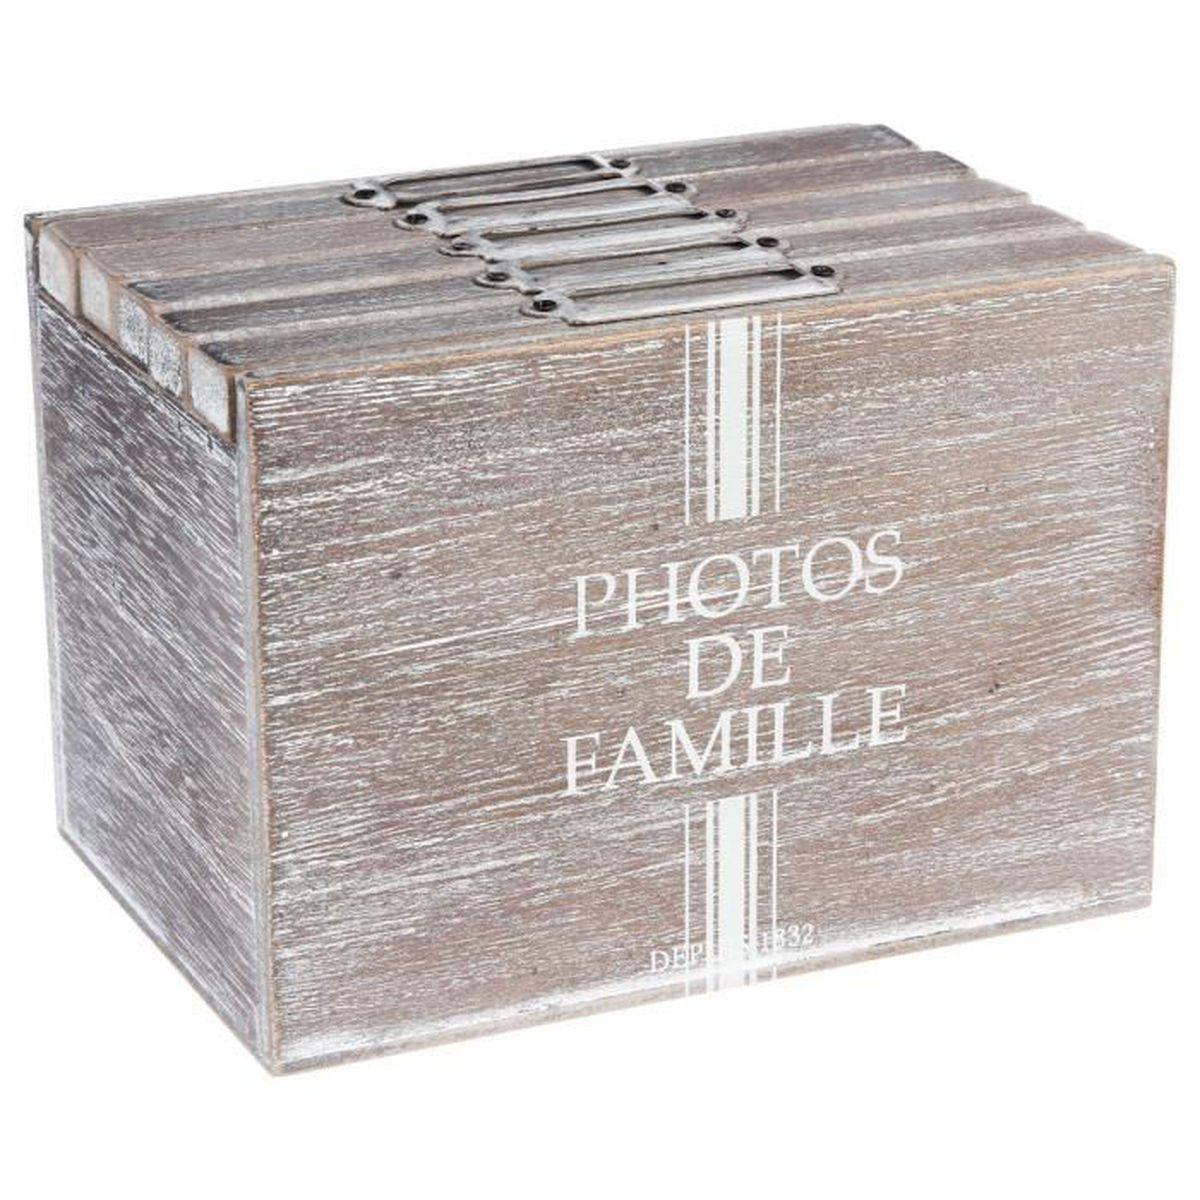 boite rangement photo achat vente boite rangement photo pas cher les soldes sur cdiscount. Black Bedroom Furniture Sets. Home Design Ideas